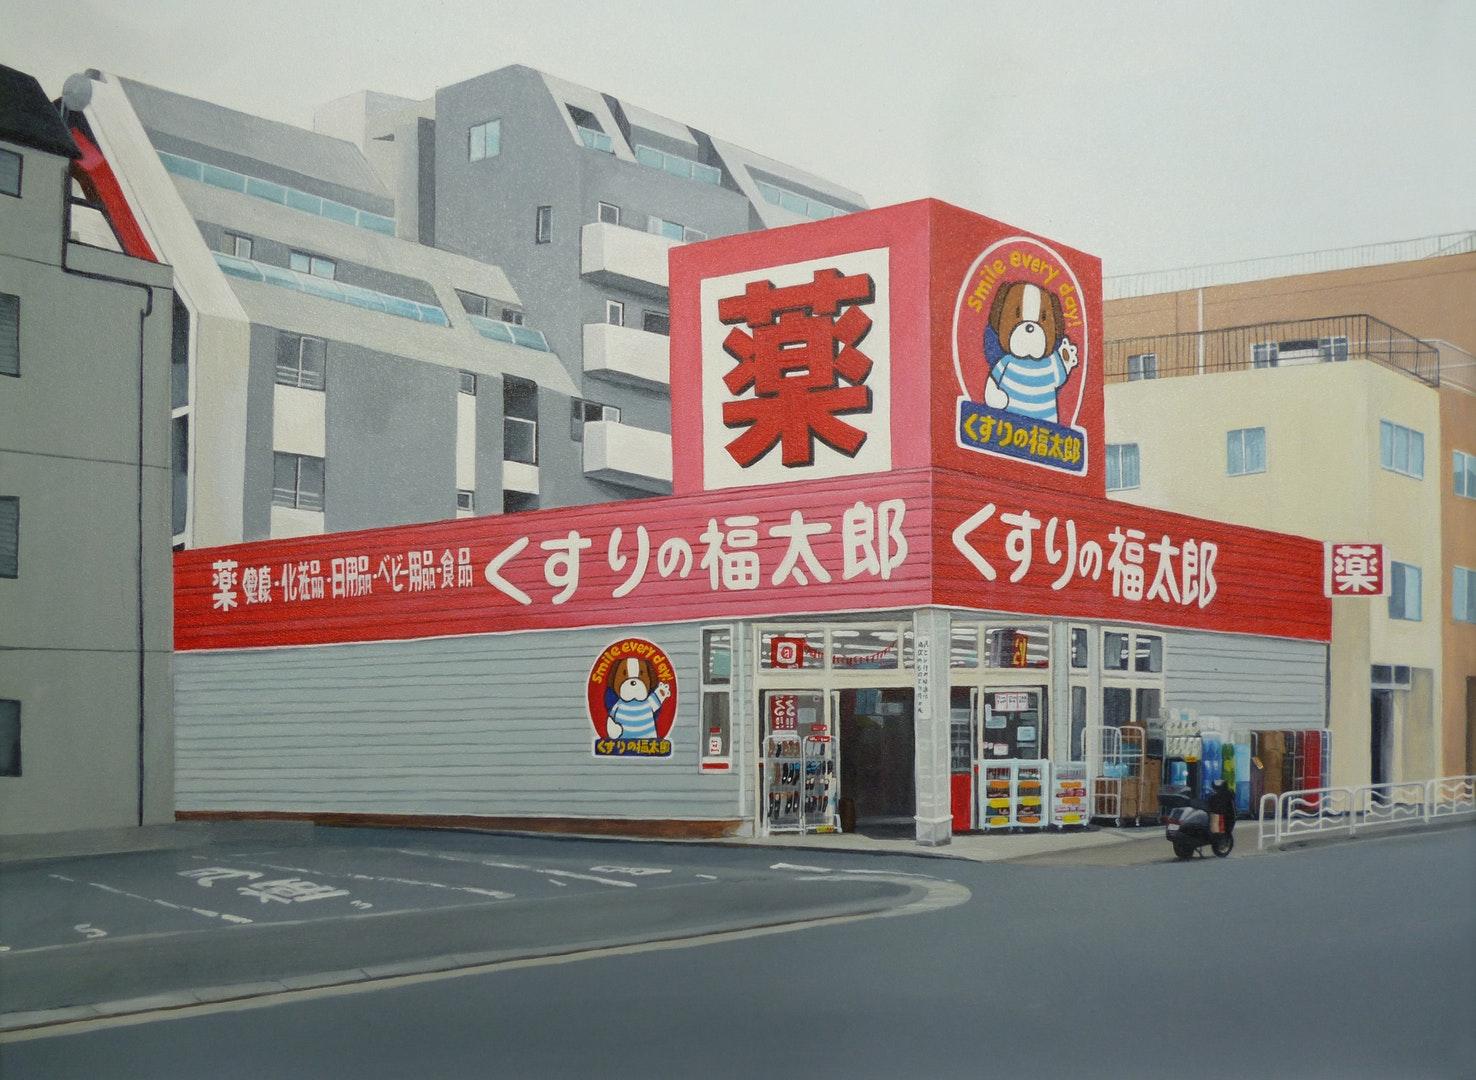 'Kiyosumi-Shirakawa', Bianca MacCall, Acrylic on board, 33 x 41 cm